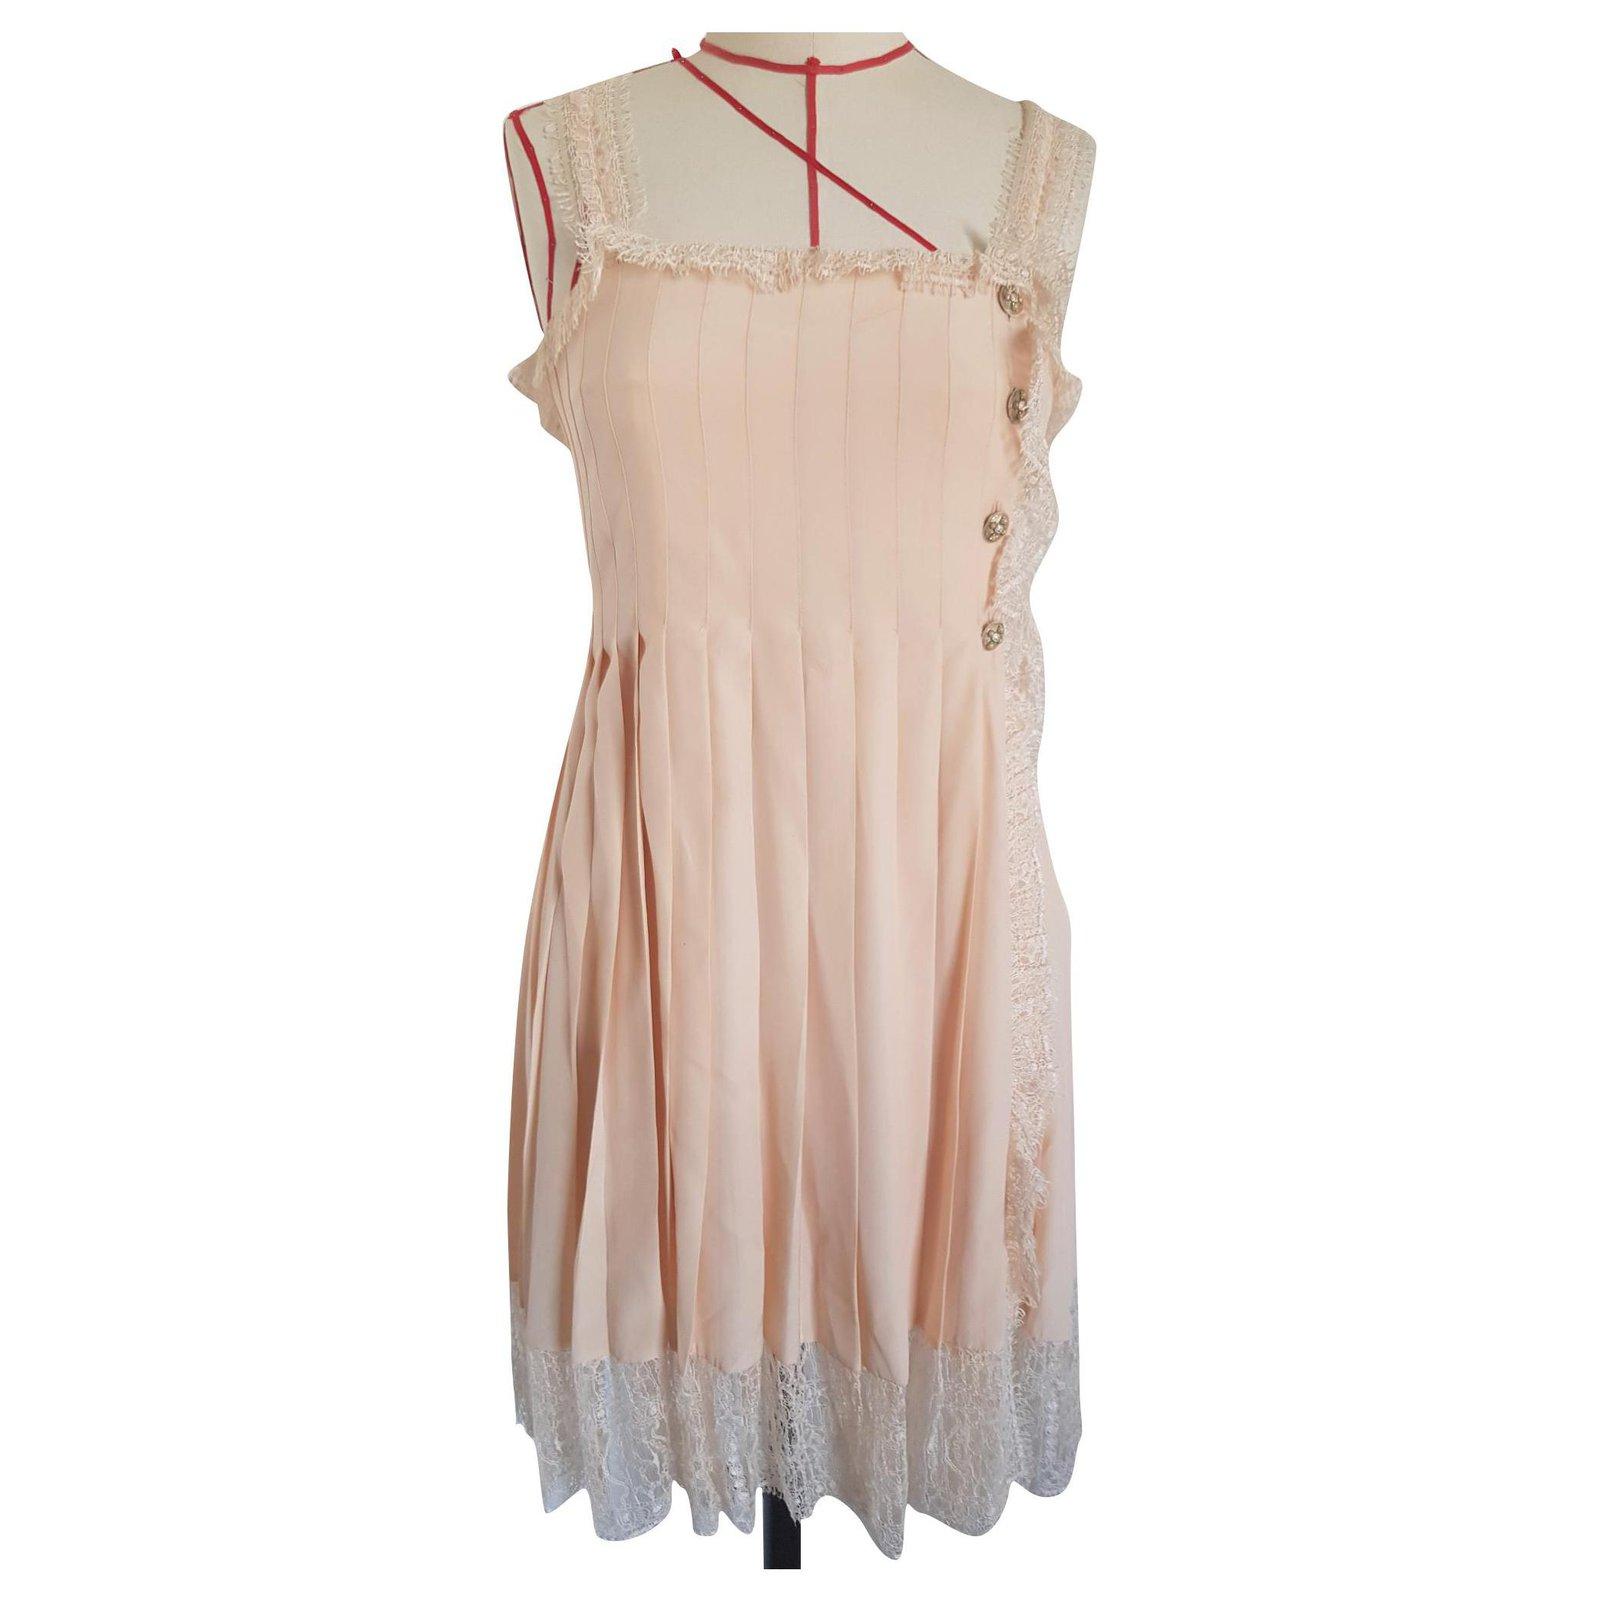 Robes Chanel Chanel Robe En Soie Et Dentelle Soie Autre Ref 192281 Joli Closet